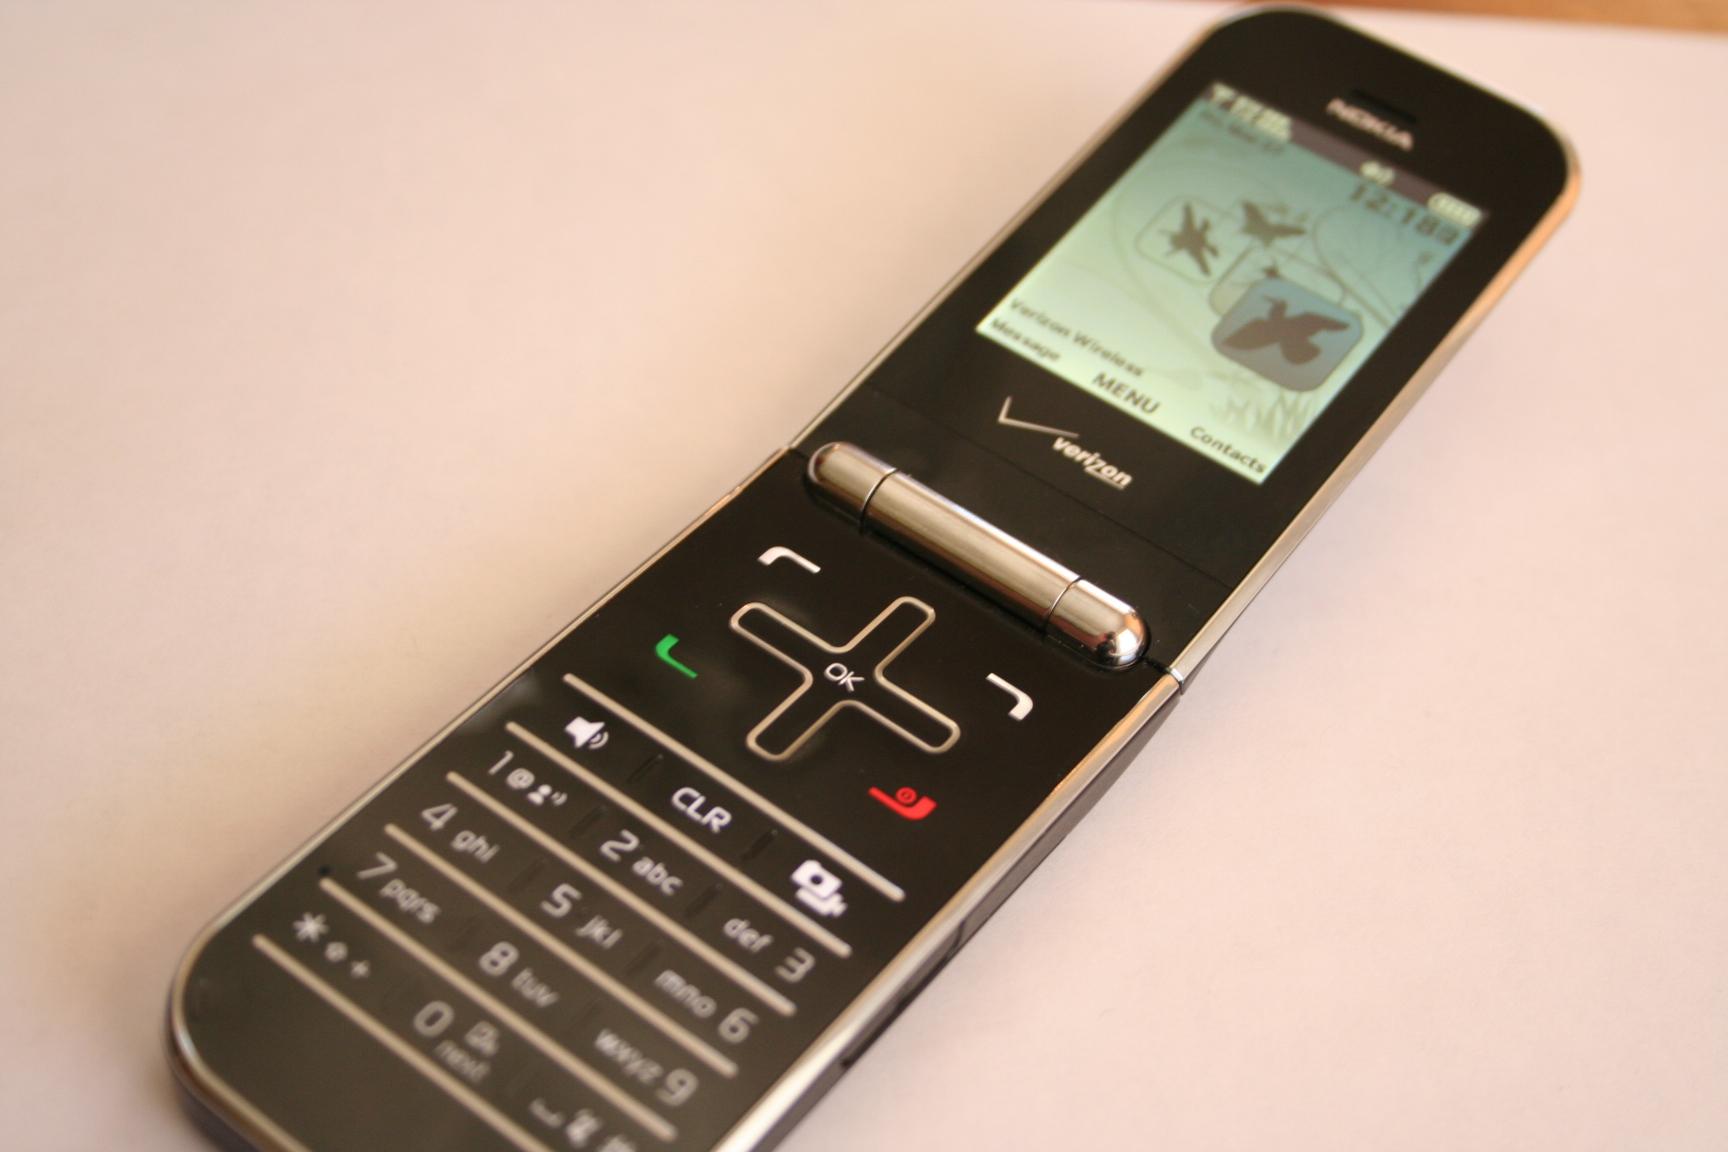 Nokia Intrigue review